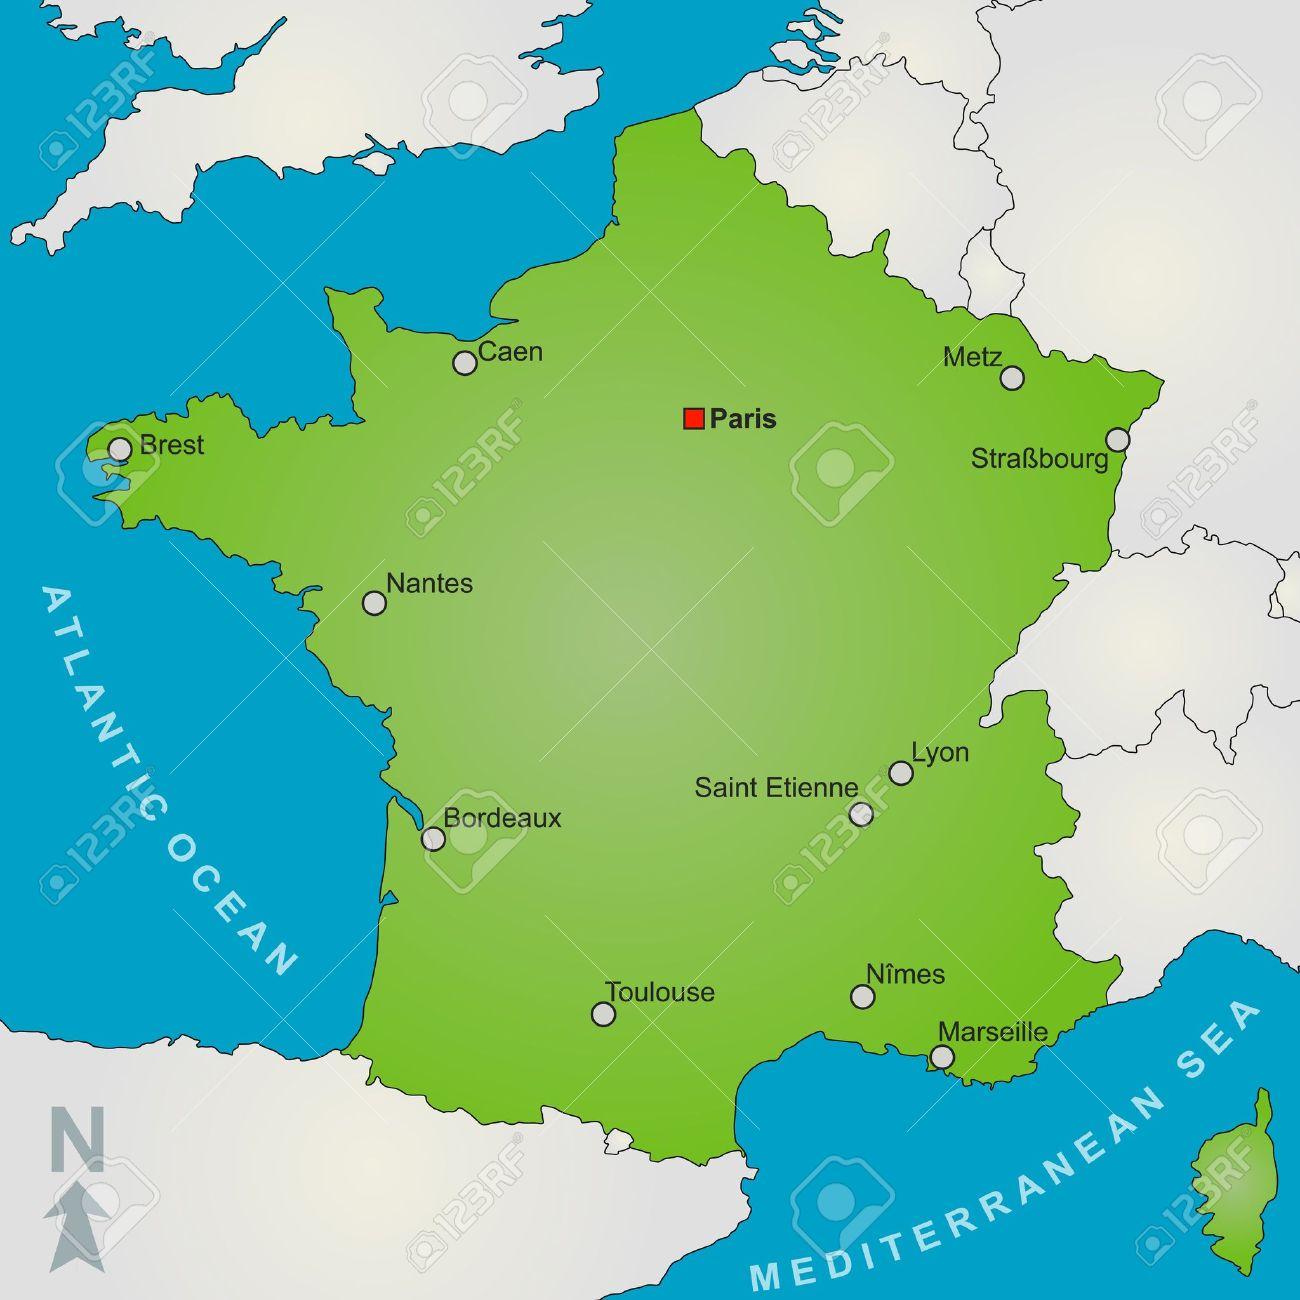 Mapa De Francia Ciudades.Un Mapa Estilizado De Francia Mostrando Varias Grandes Ciudades Y Paises Vecinos